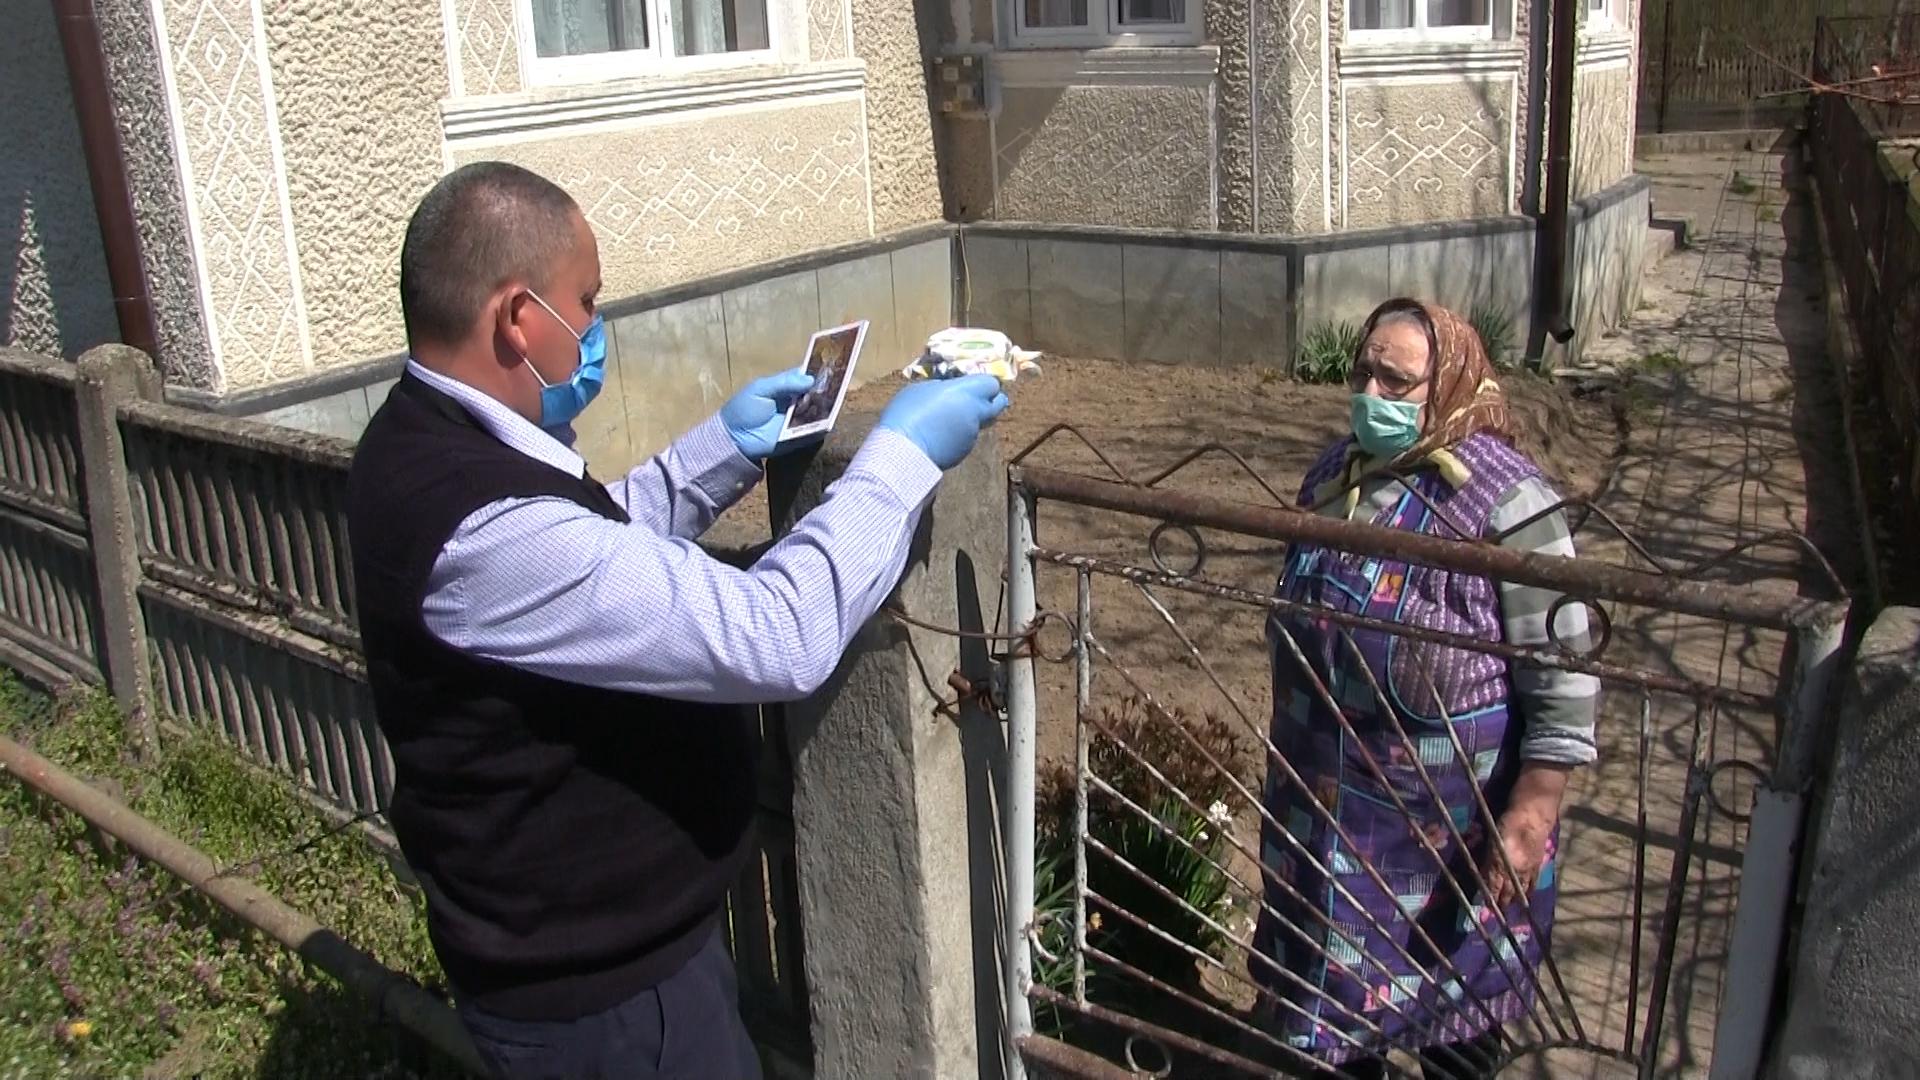 Pandemia în satele din Sălaj - Paștele au fot servite la poarta fiecărei case (VIDEO)